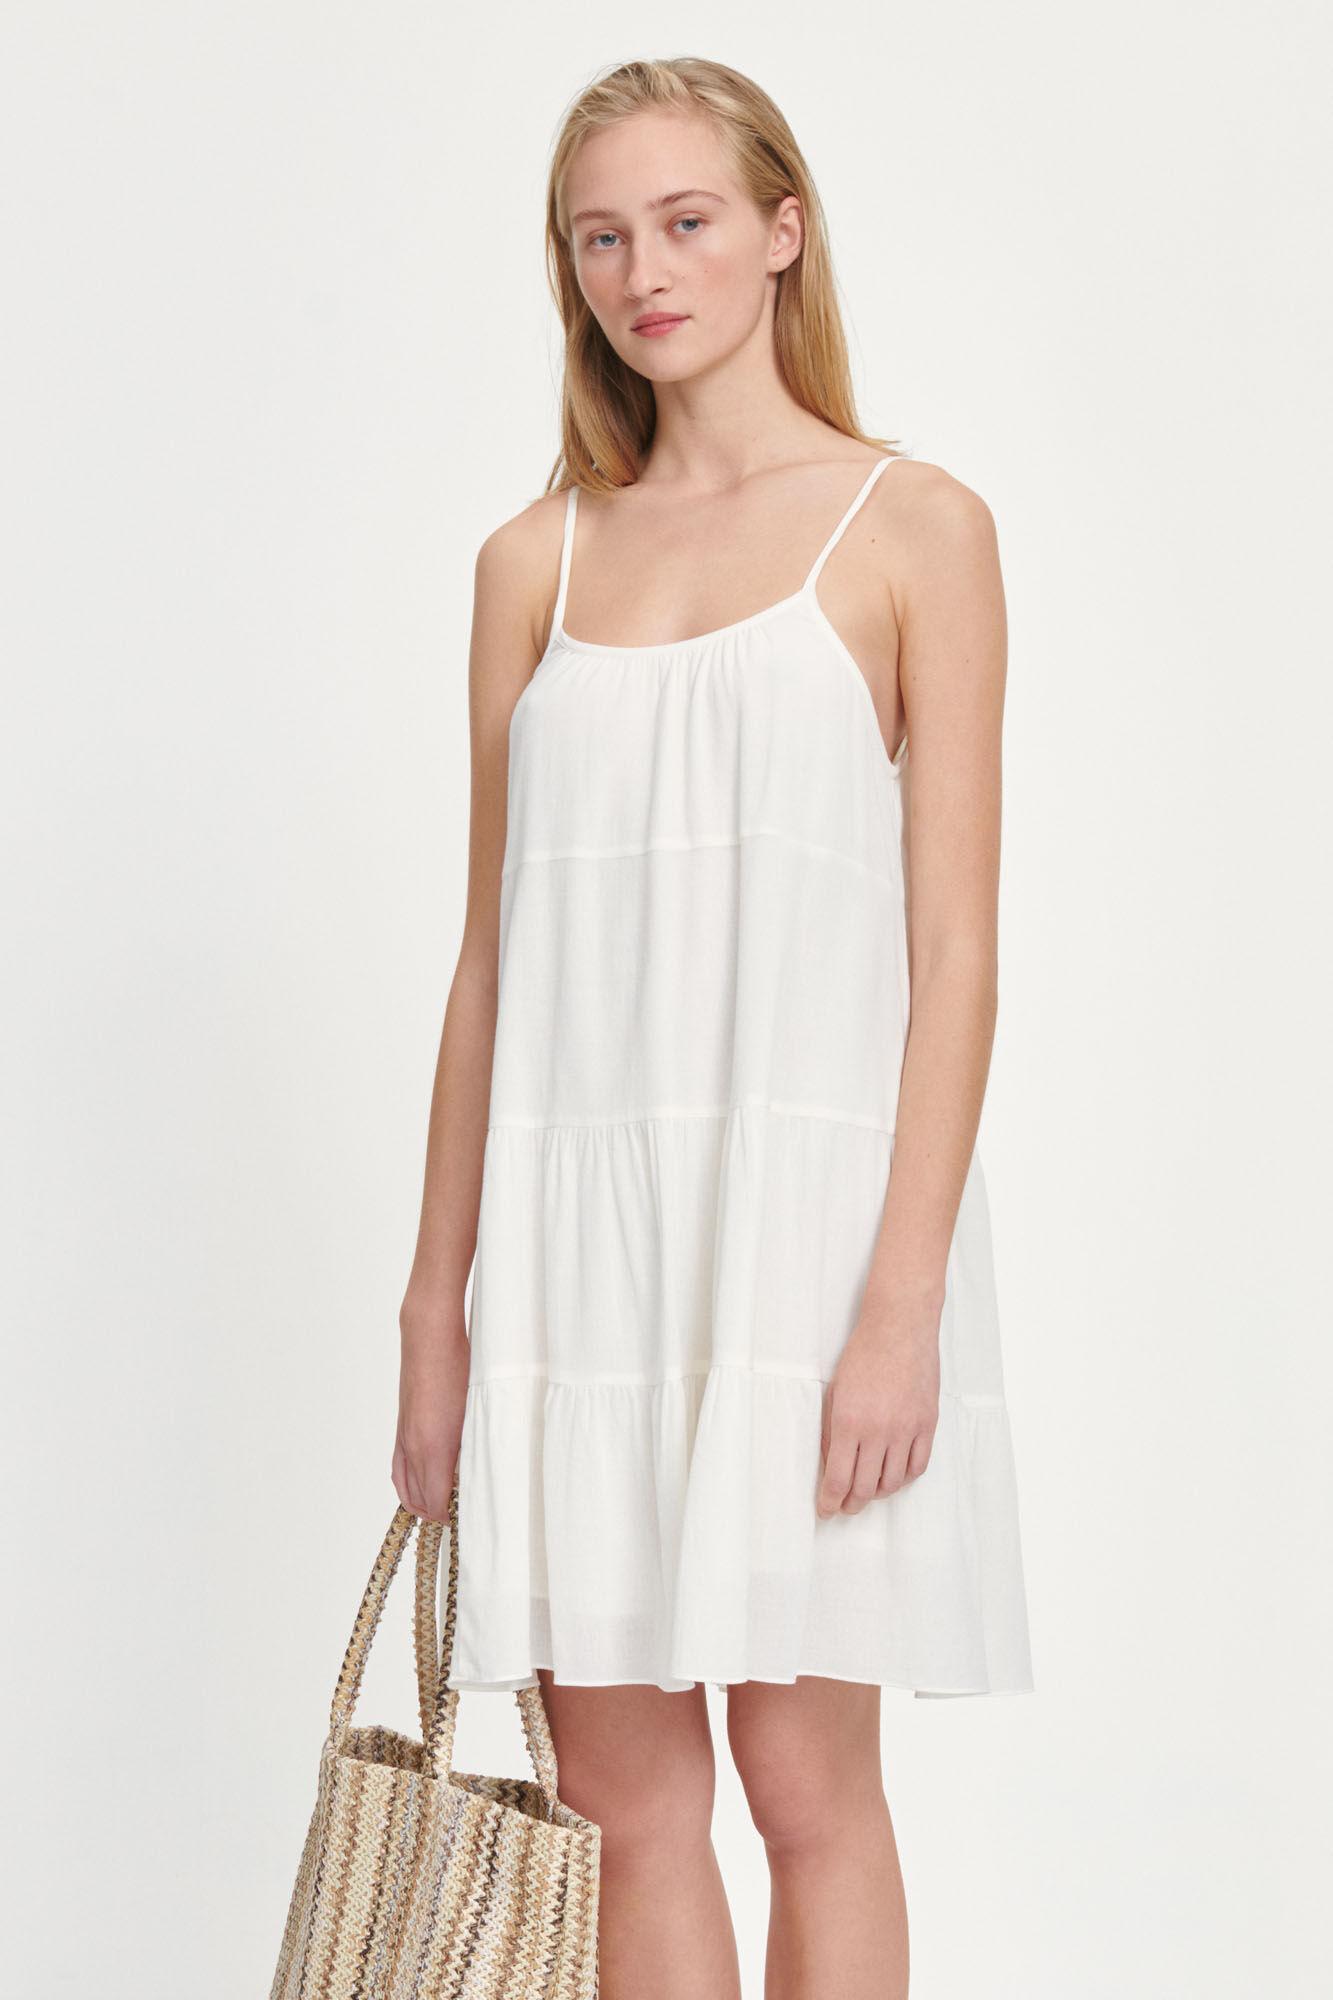 Sarah dress 11463